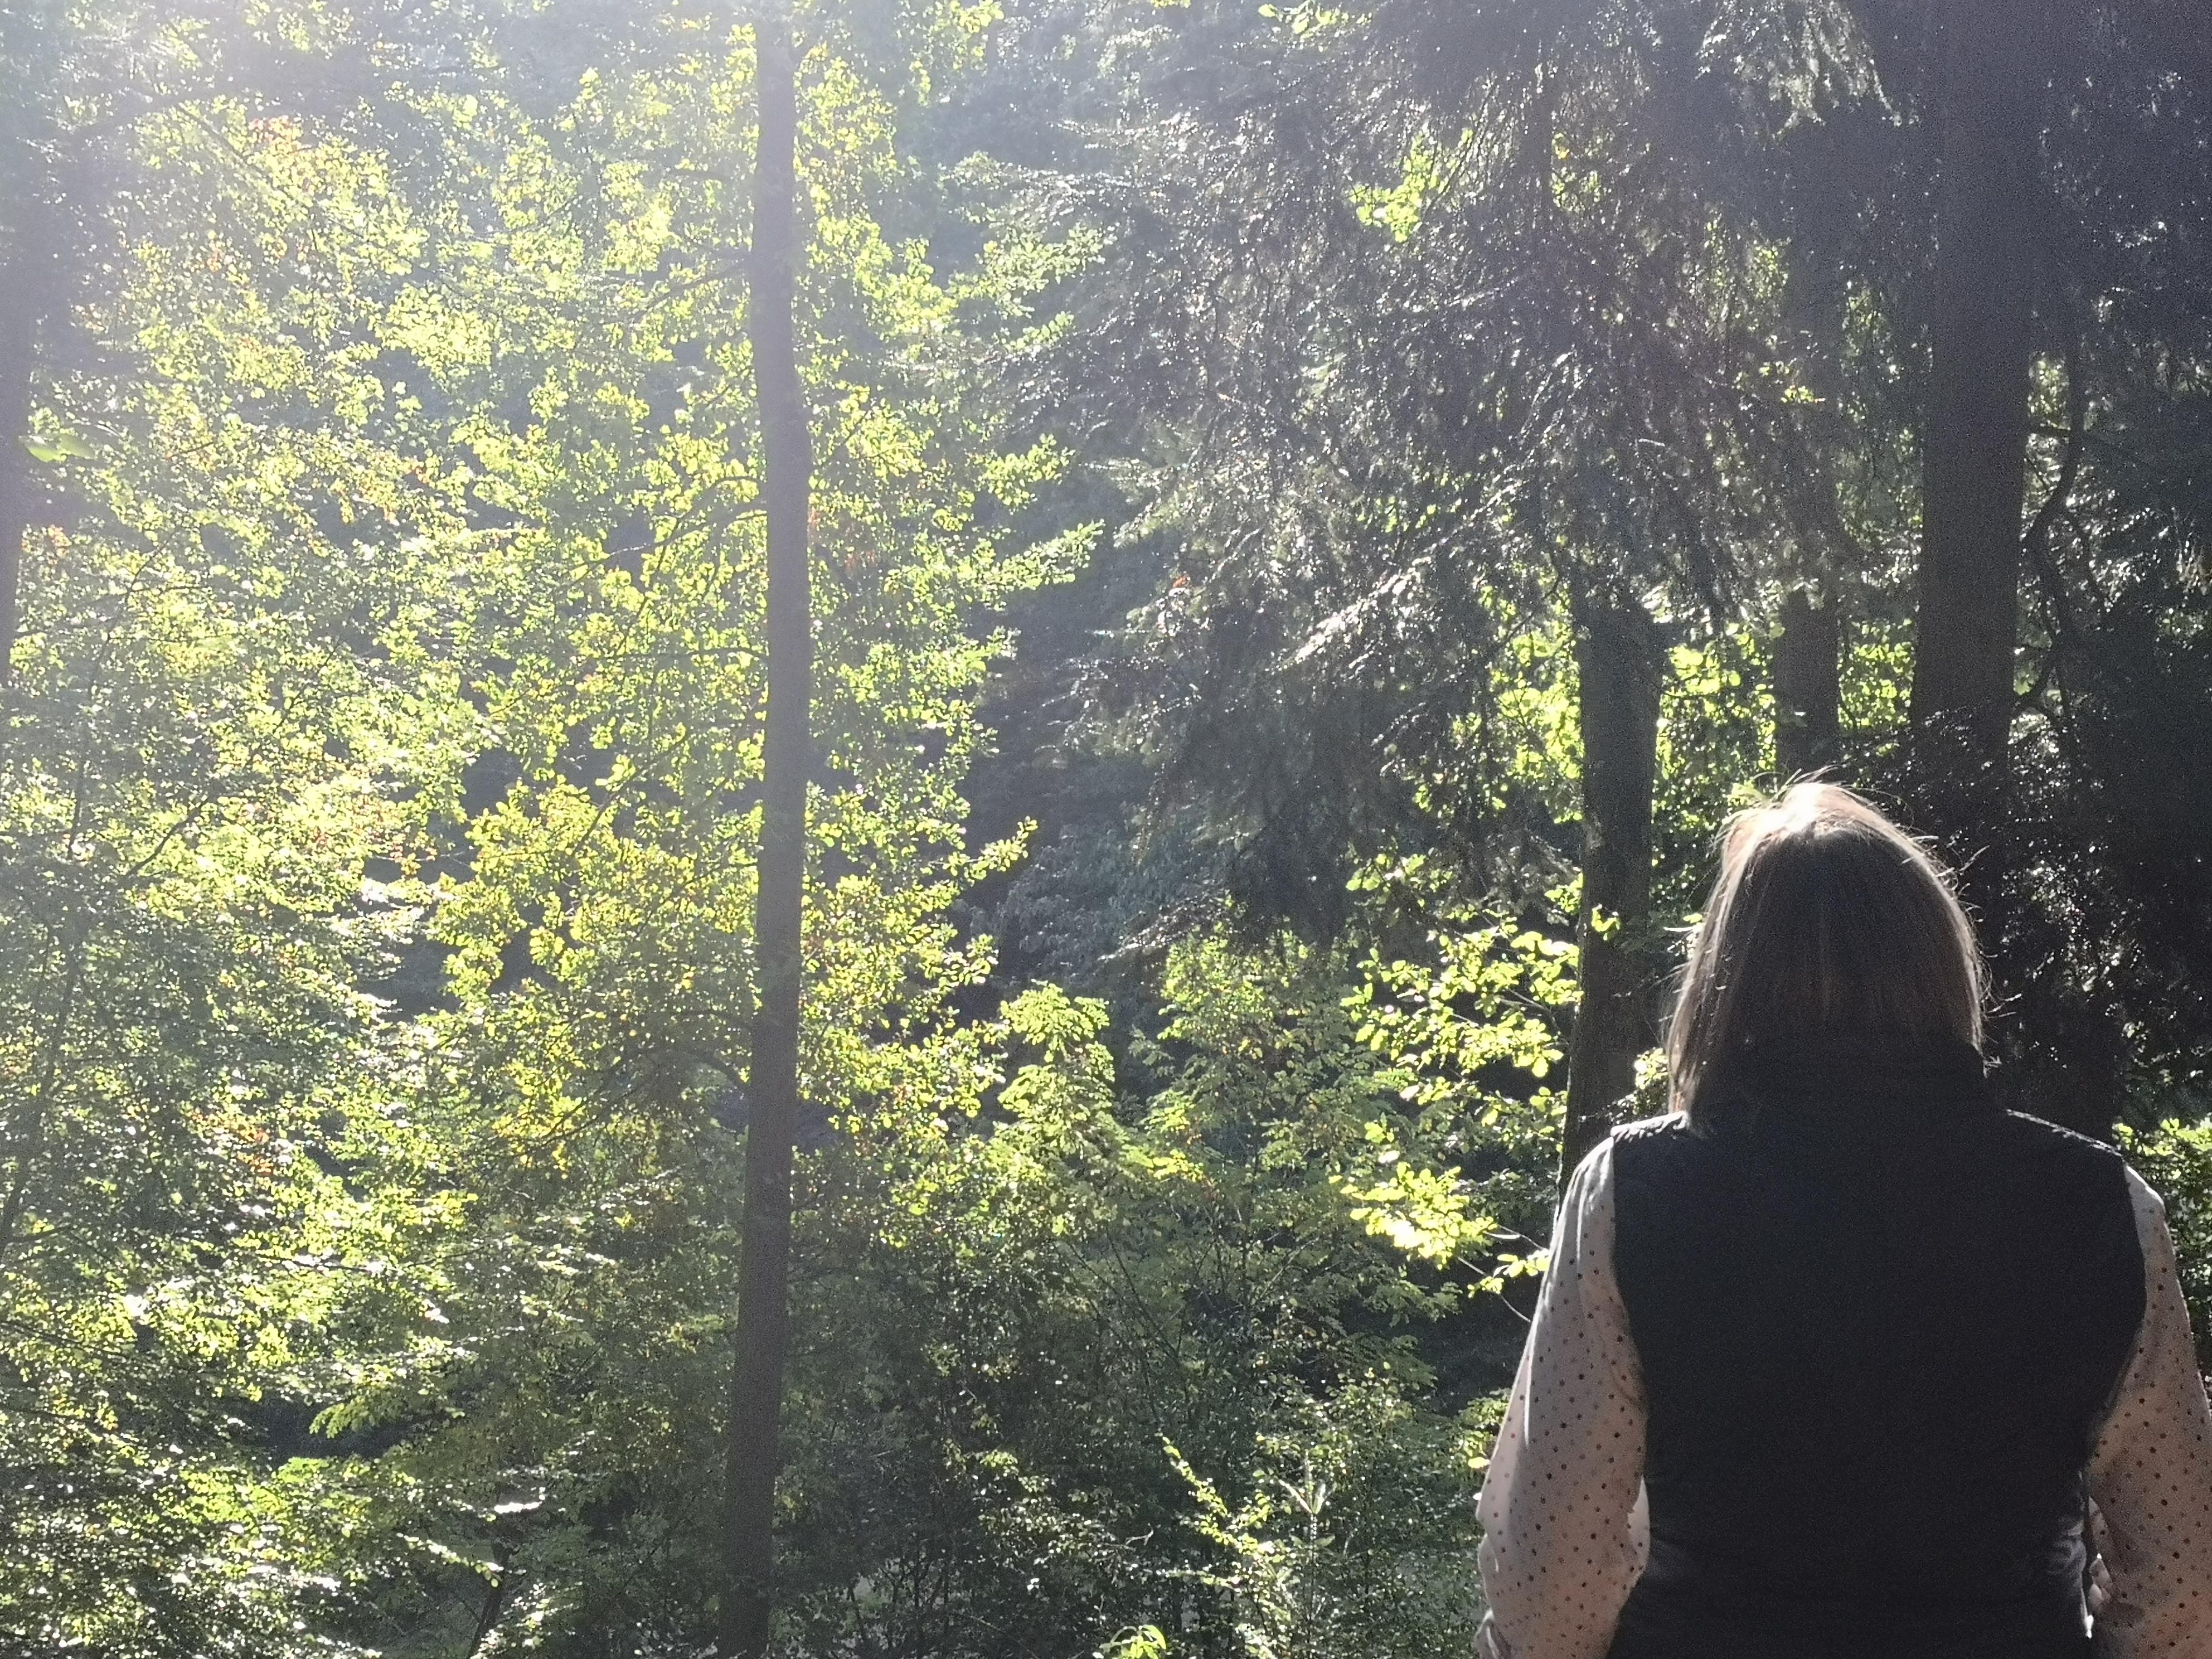 Waldbaden After-Work: Kraft tanken in der Woche durch Achtsamkeit in der Natur - Ratingen